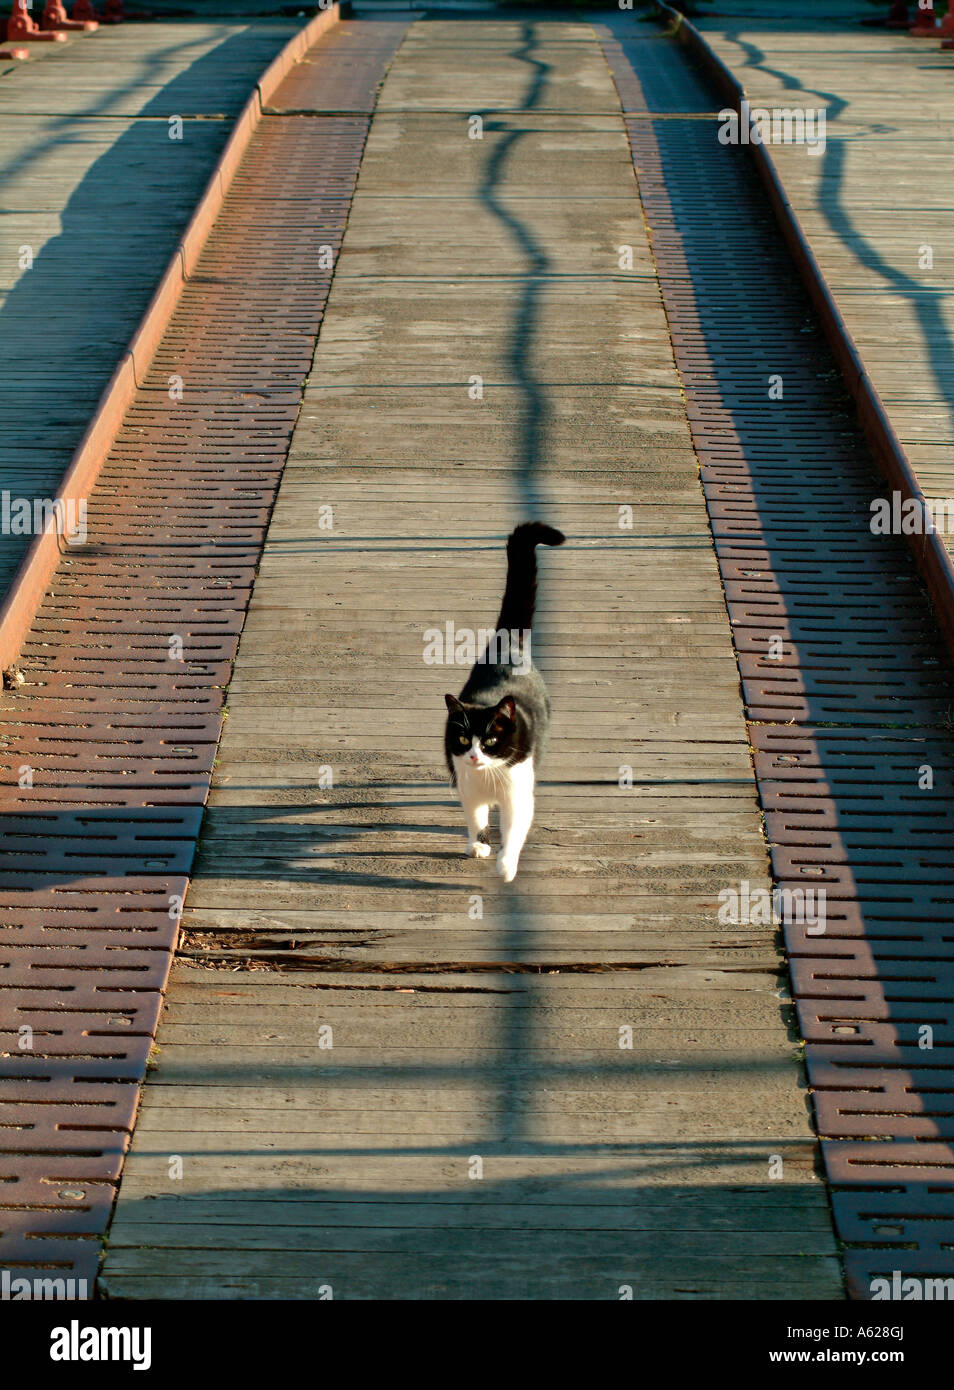 Cat walking between Tram lines - Stock Image